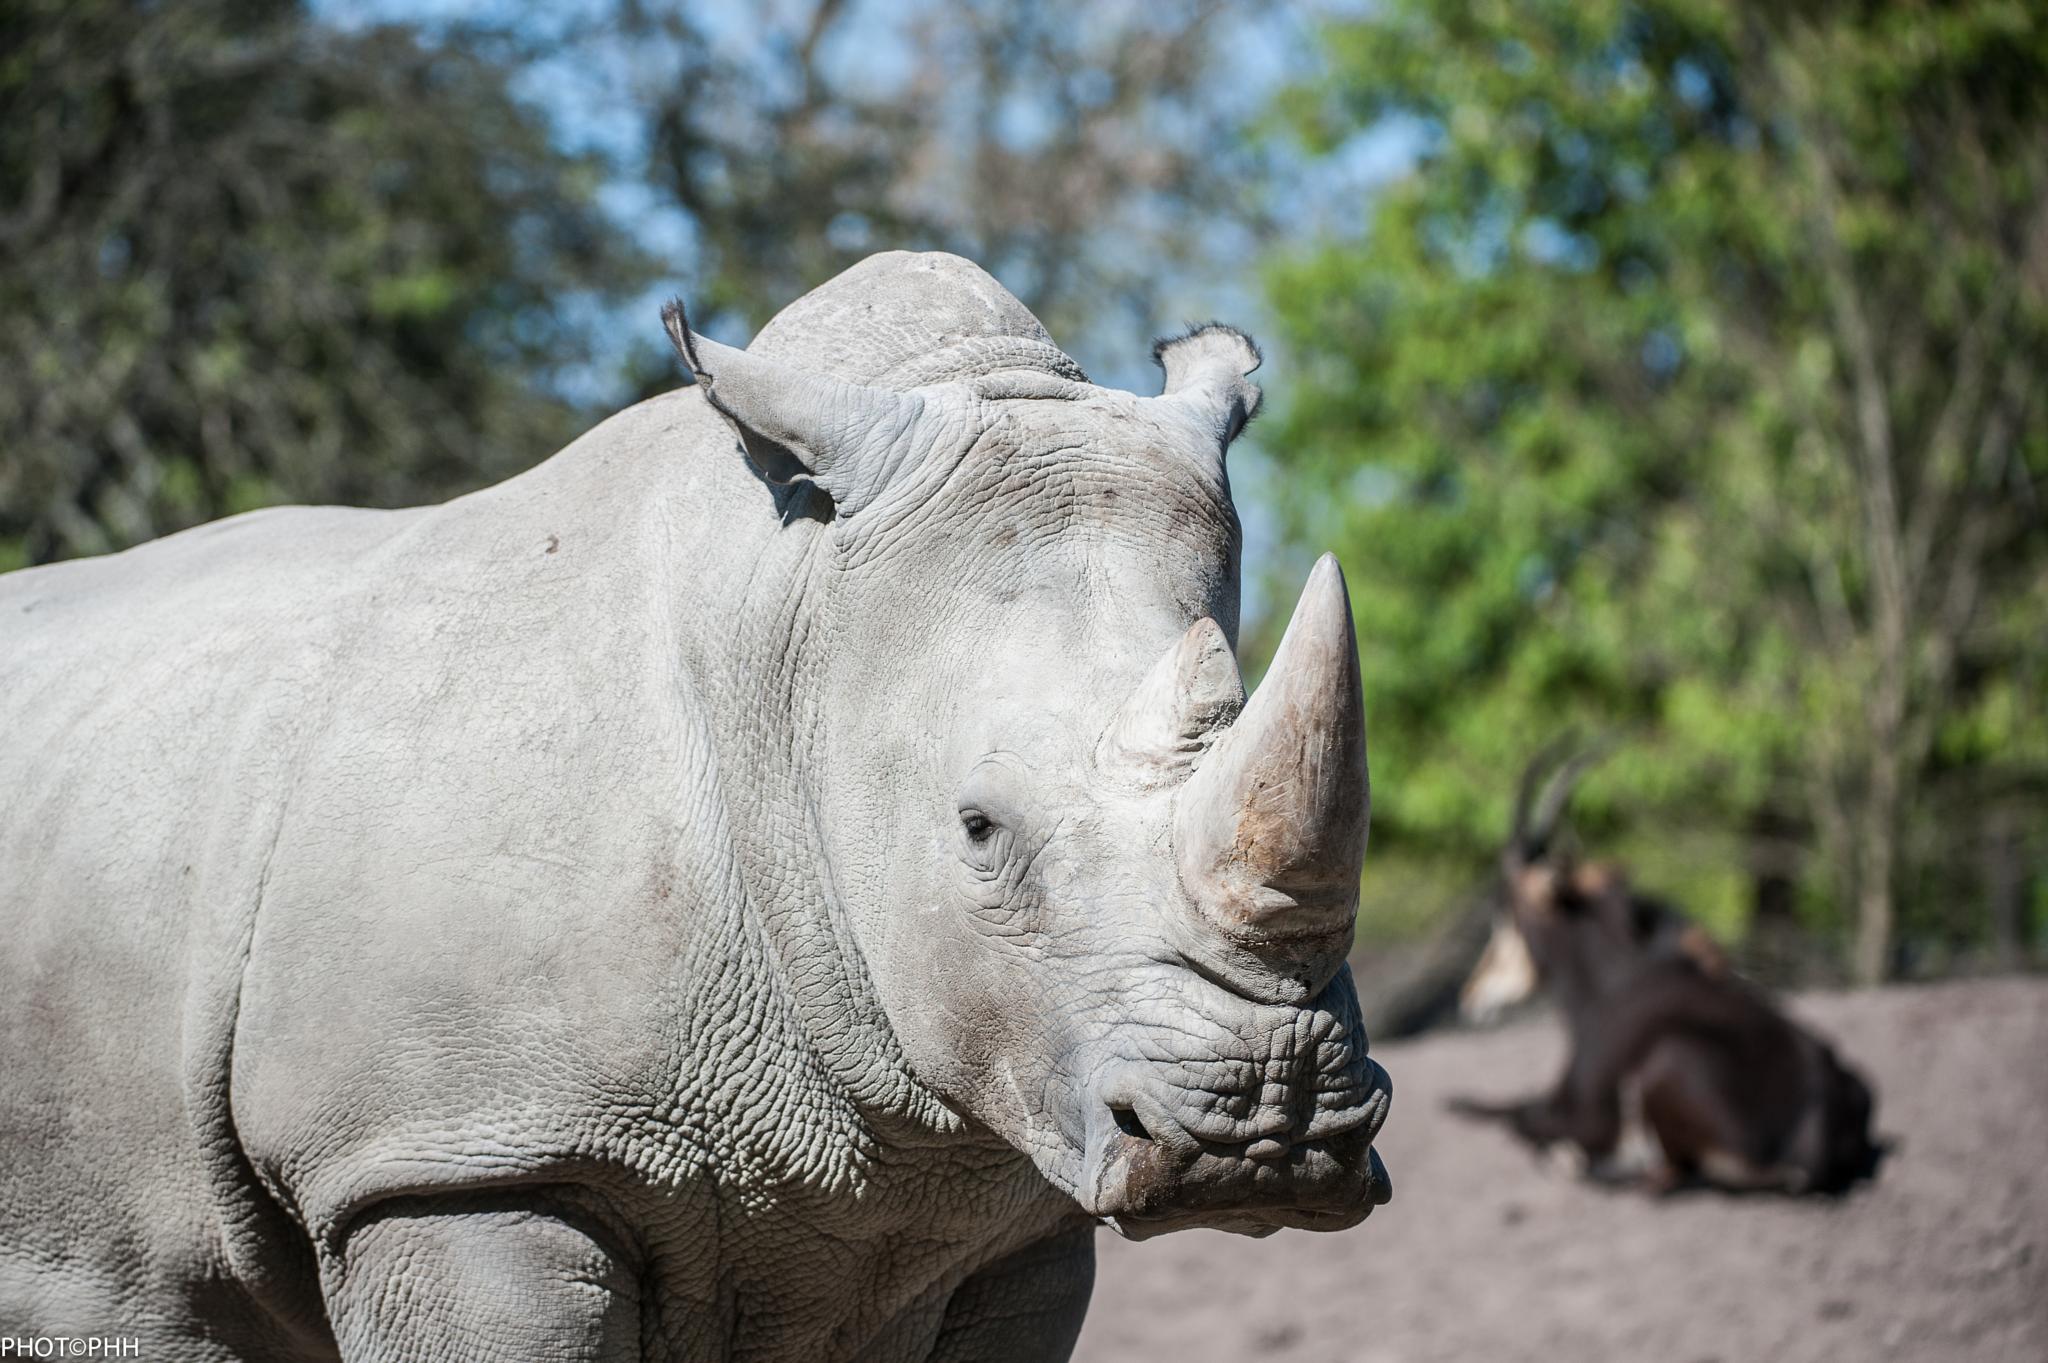 Rhinoceros by PHOTOPHH.1